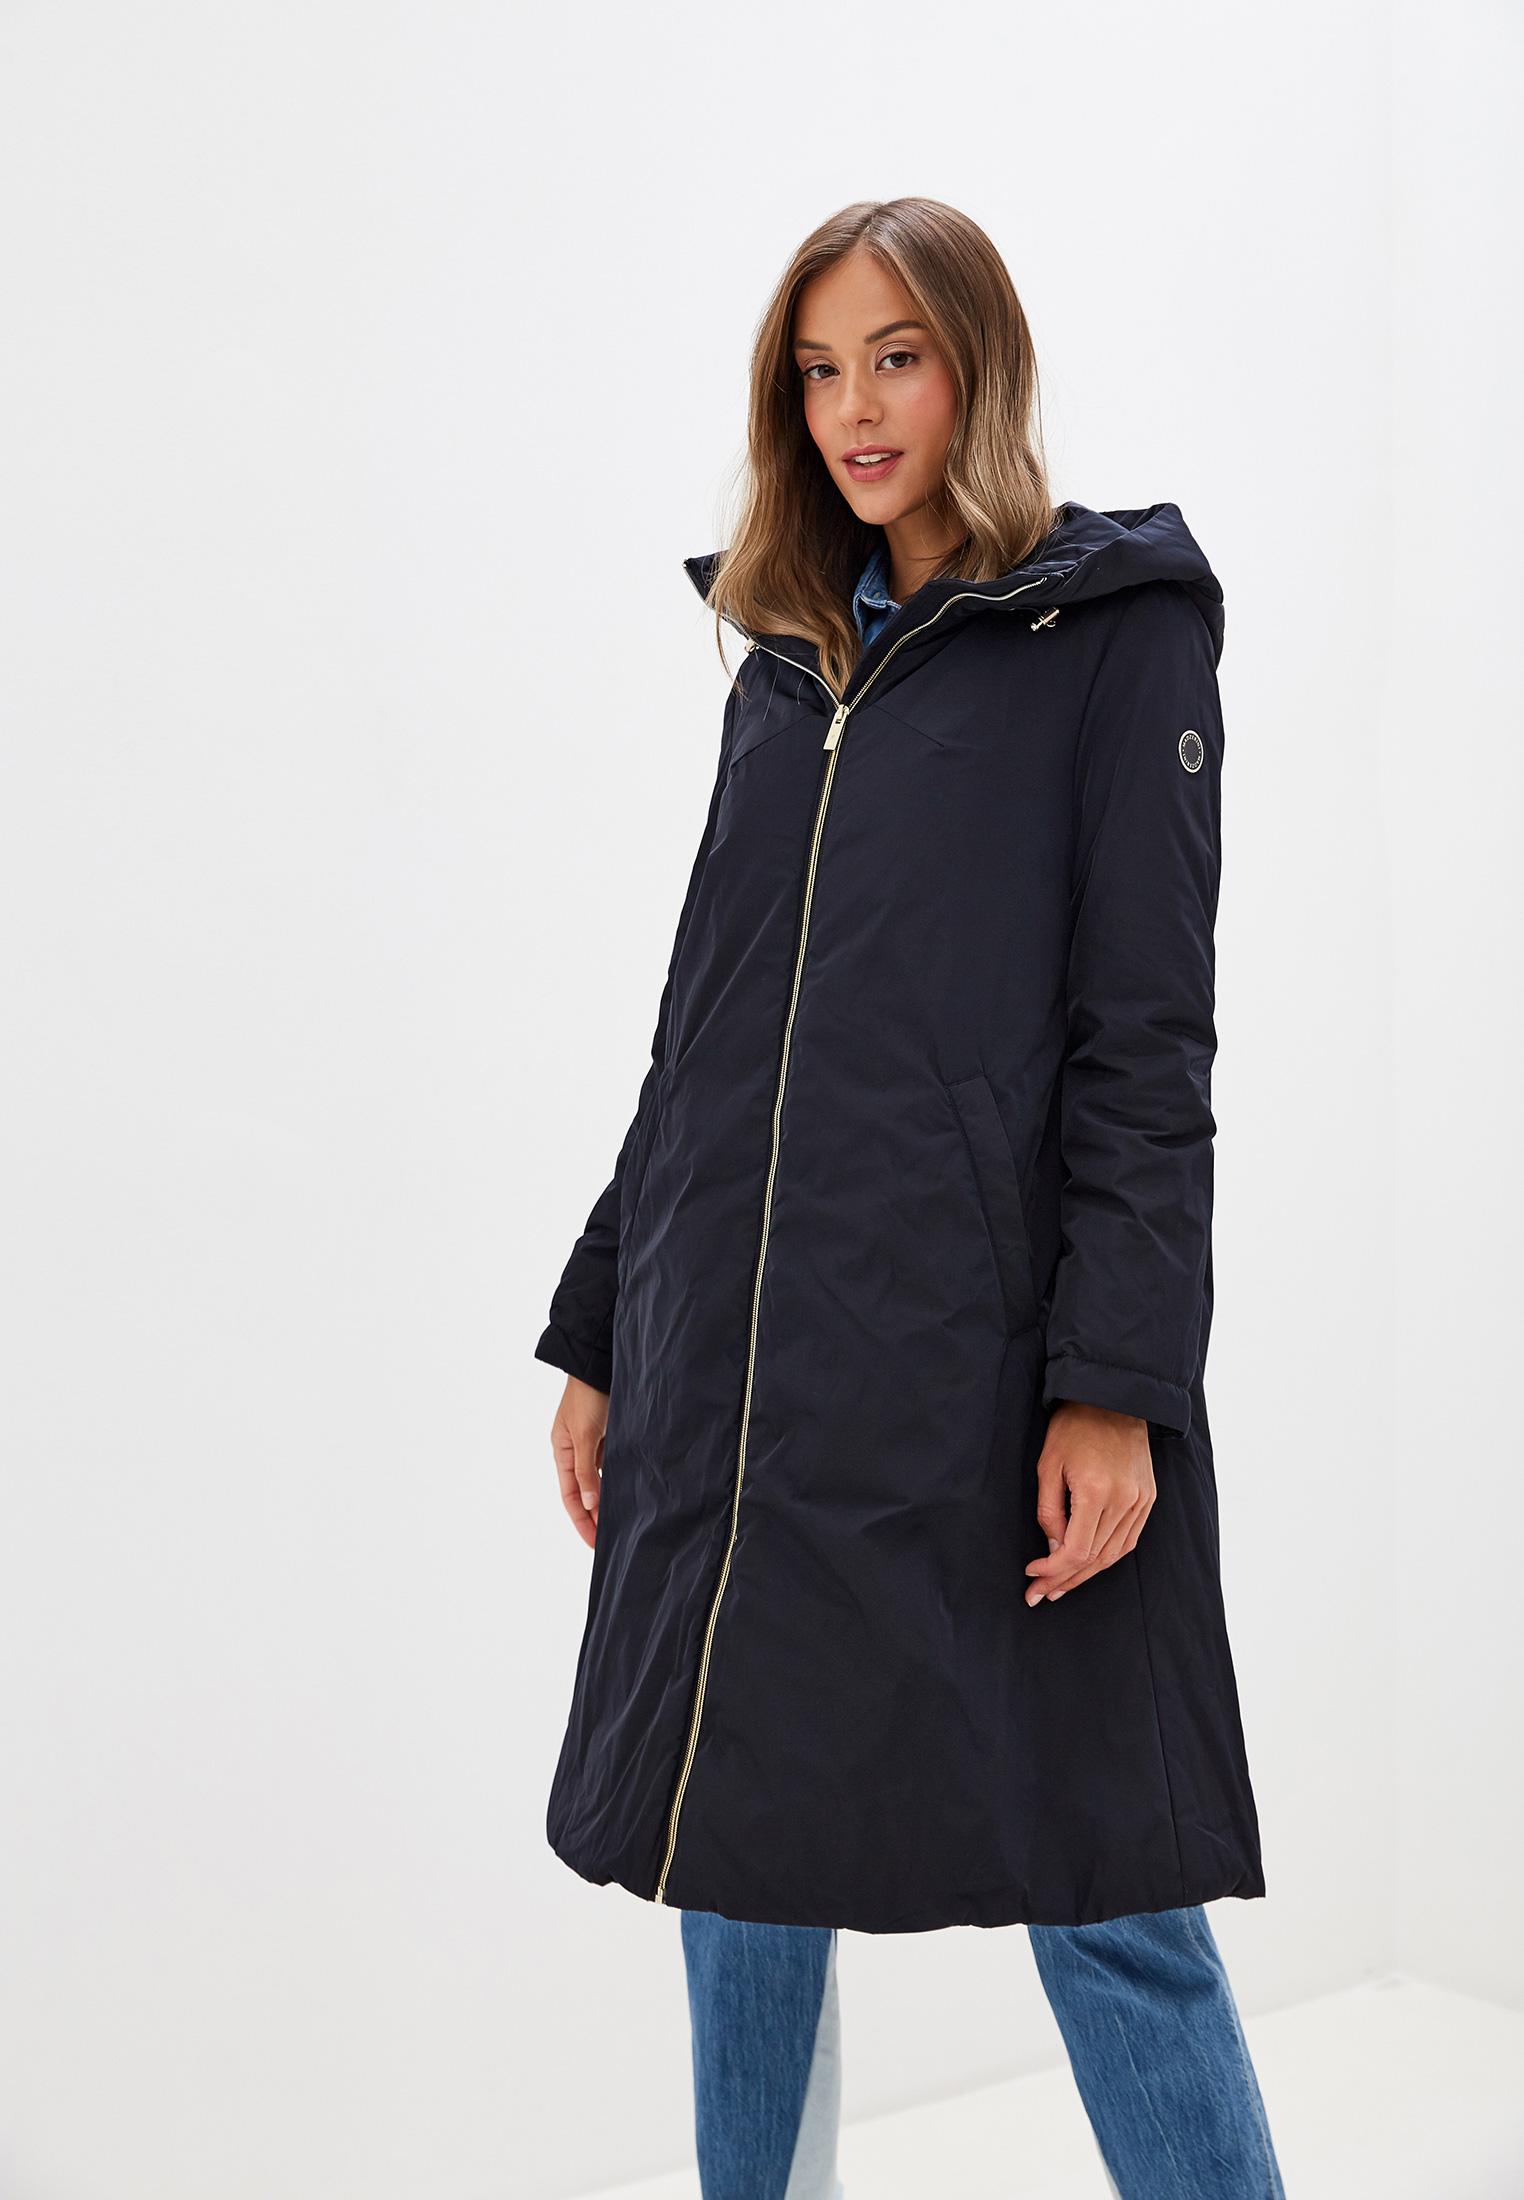 Куртка утепленная, Madzerini, цвет: синий. Артикул: MA156EWGOFA3. Одежда / Верхняя одежда